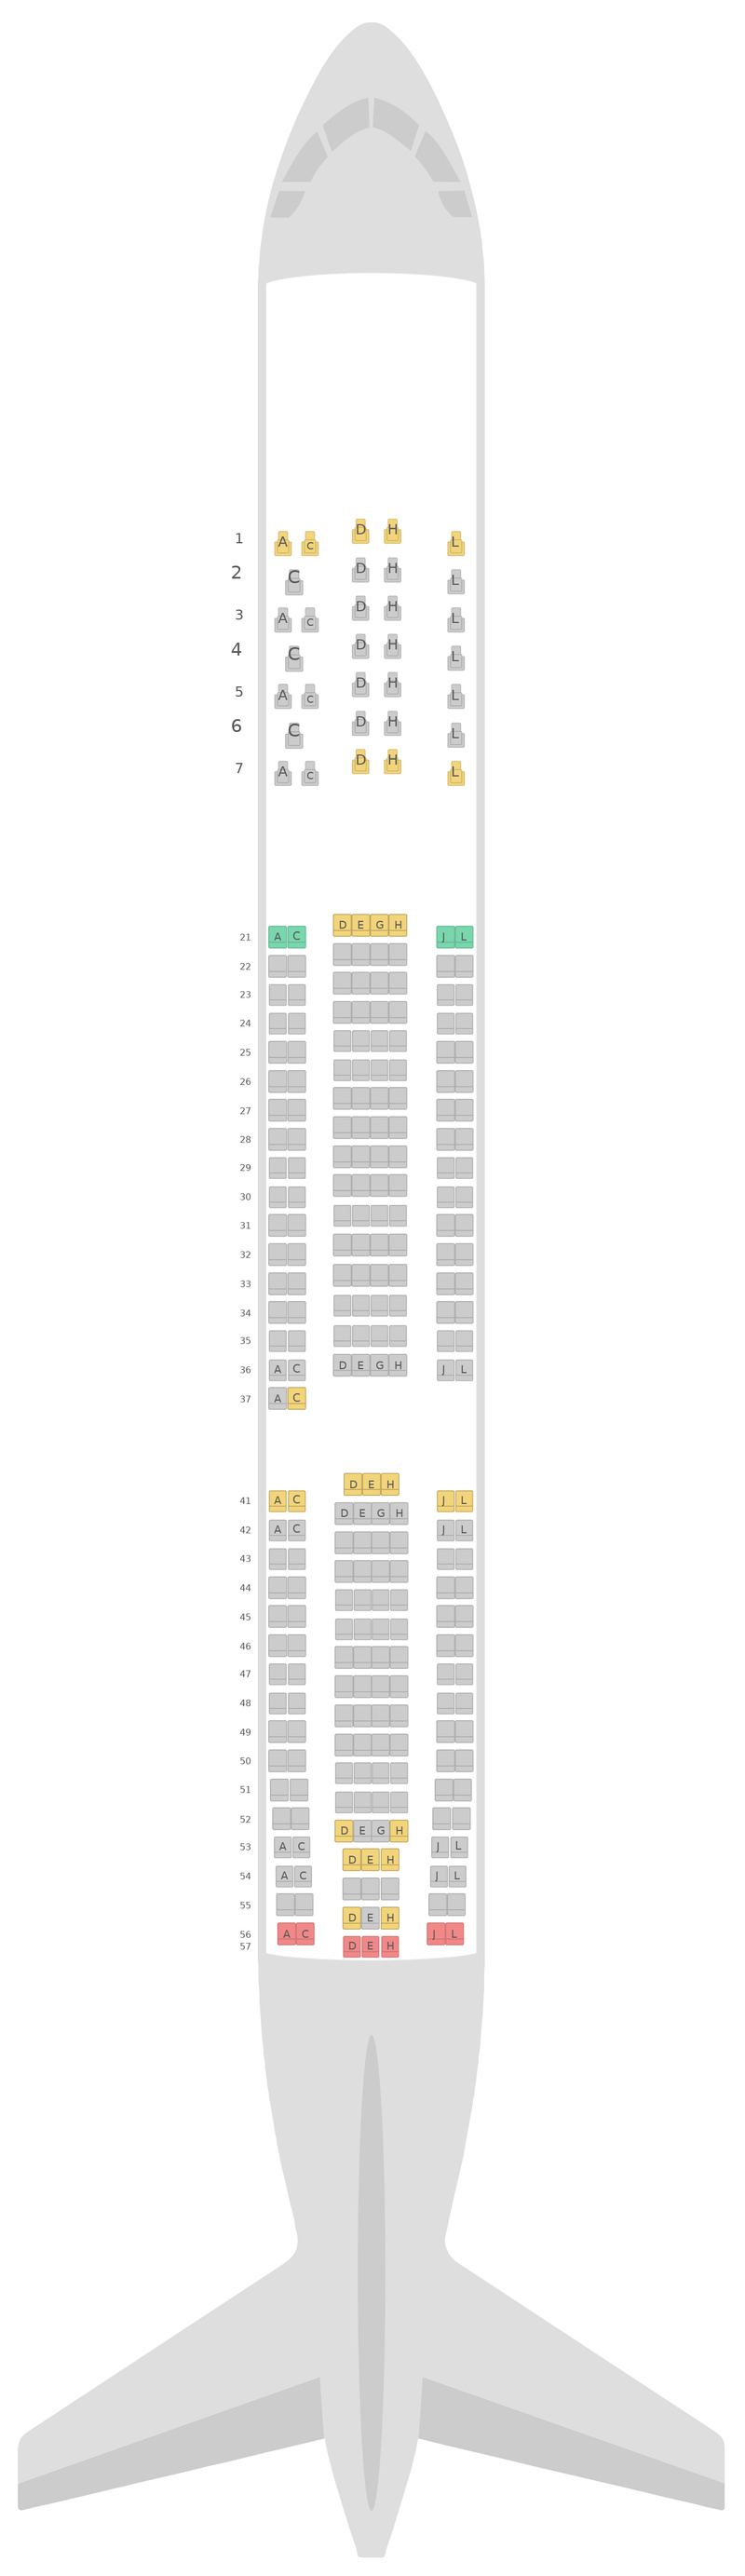 Seat Map Finnair Airbus A330-300 (333) v2